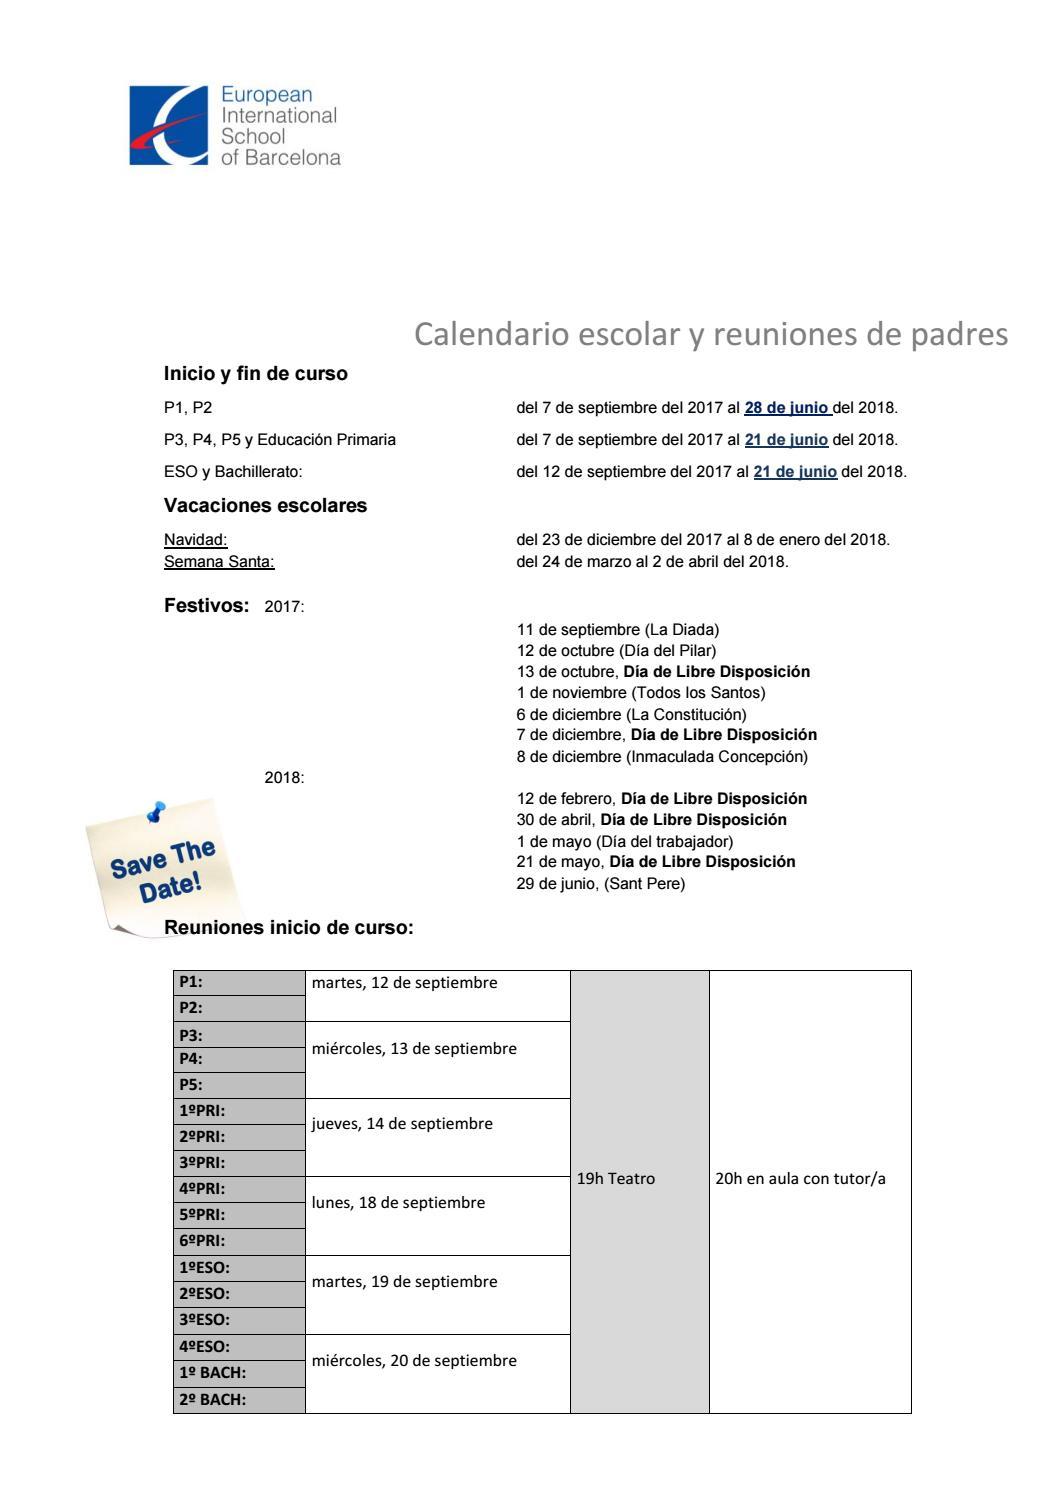 Calendario Escolar Barcelona.Calendario Escolar 2017 2018 By Europa International School Issuu